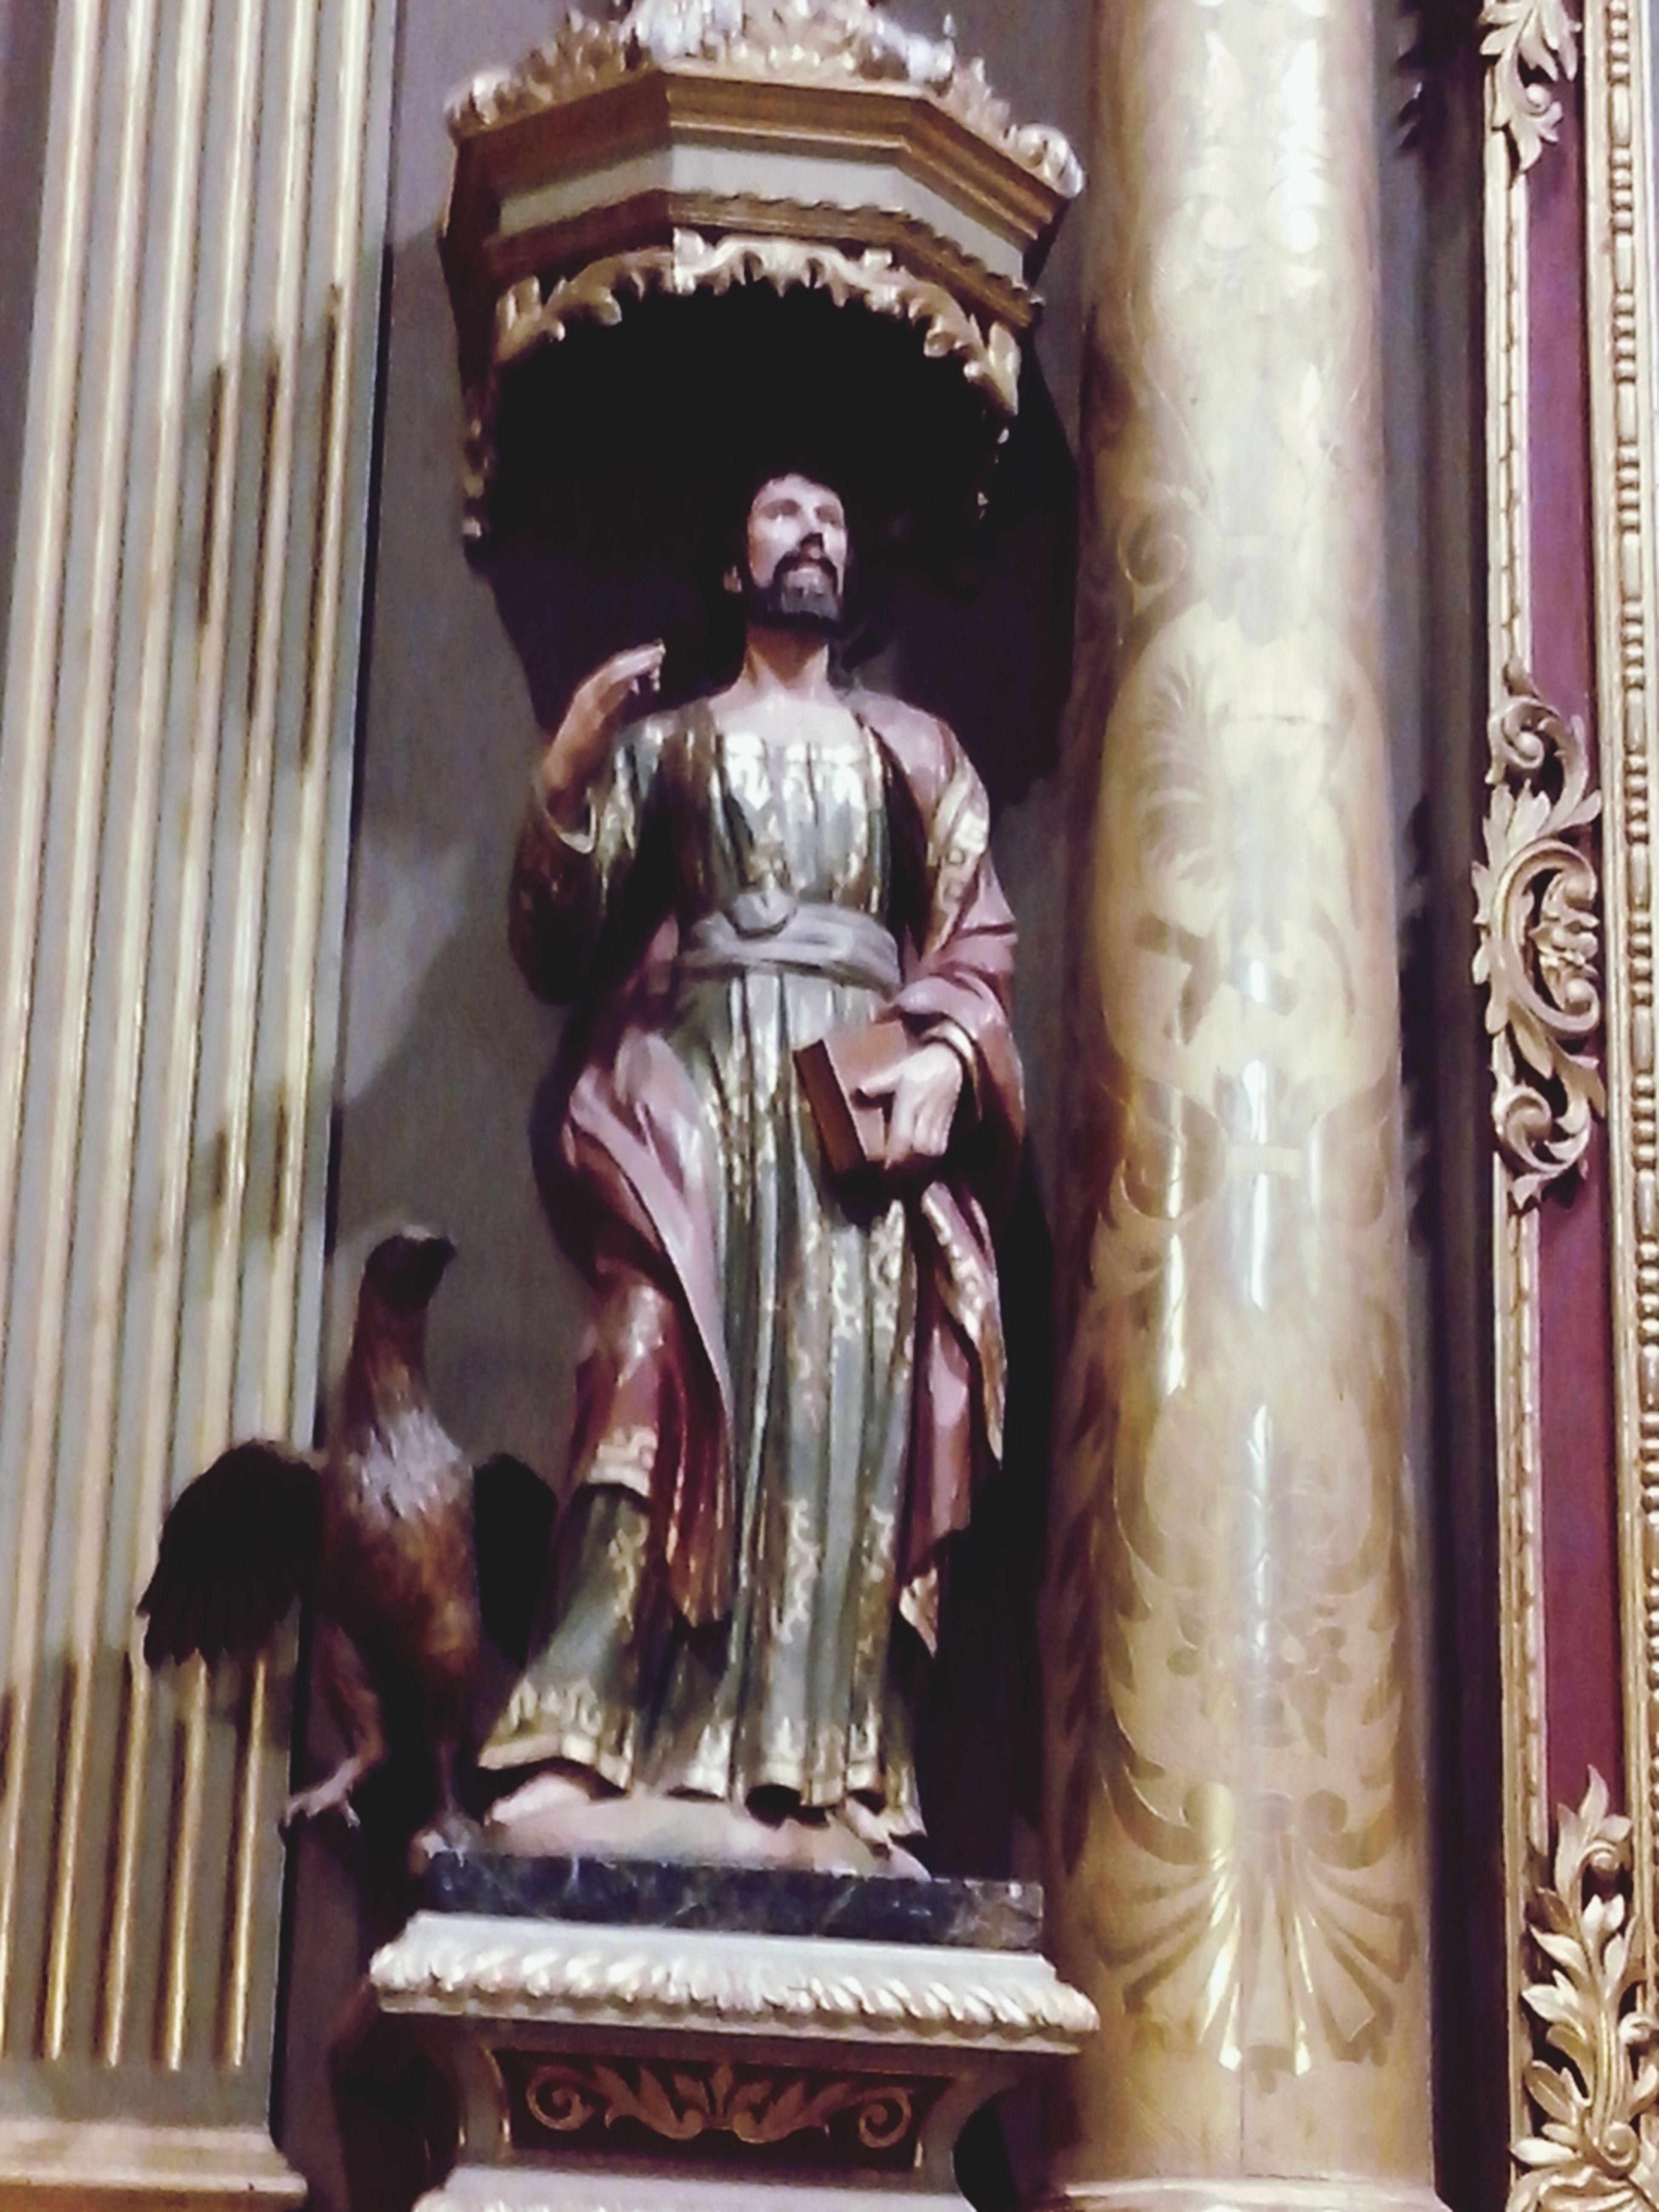 Catedral de Córdoba transepto del altar central el evangelista Juan con el águila a sus pies ya que la mirada del evangelio de Juan está por encima de los detalles biográficos del Cristo On A Break